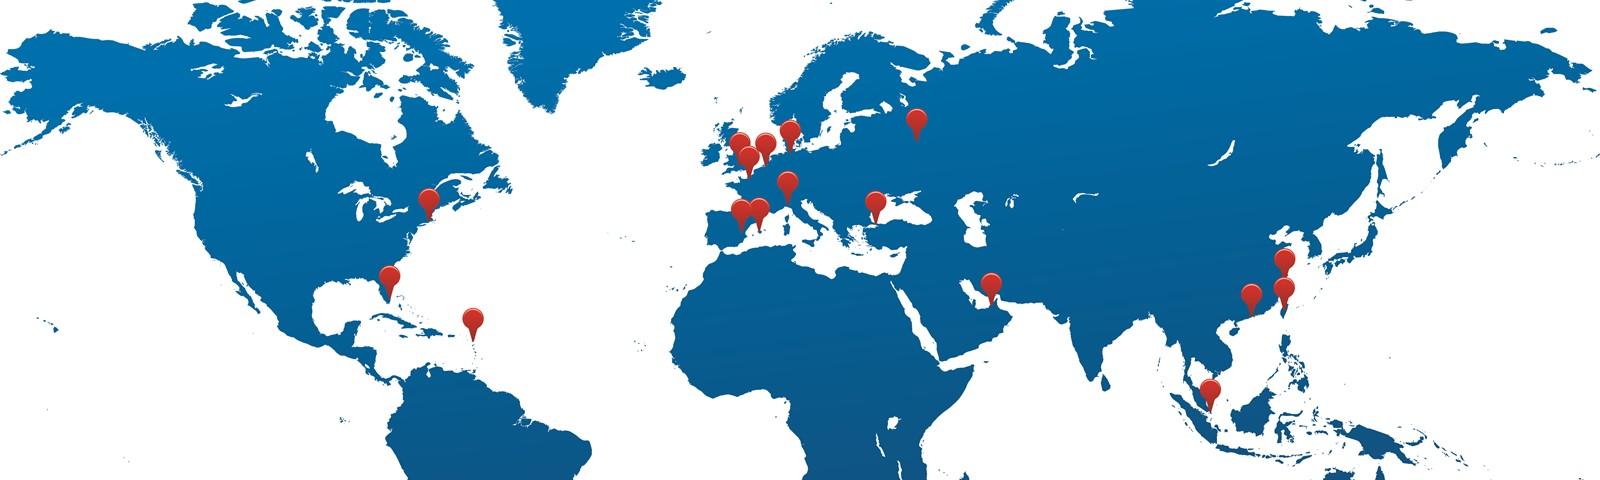 Map_blue_plus_pins.jpg